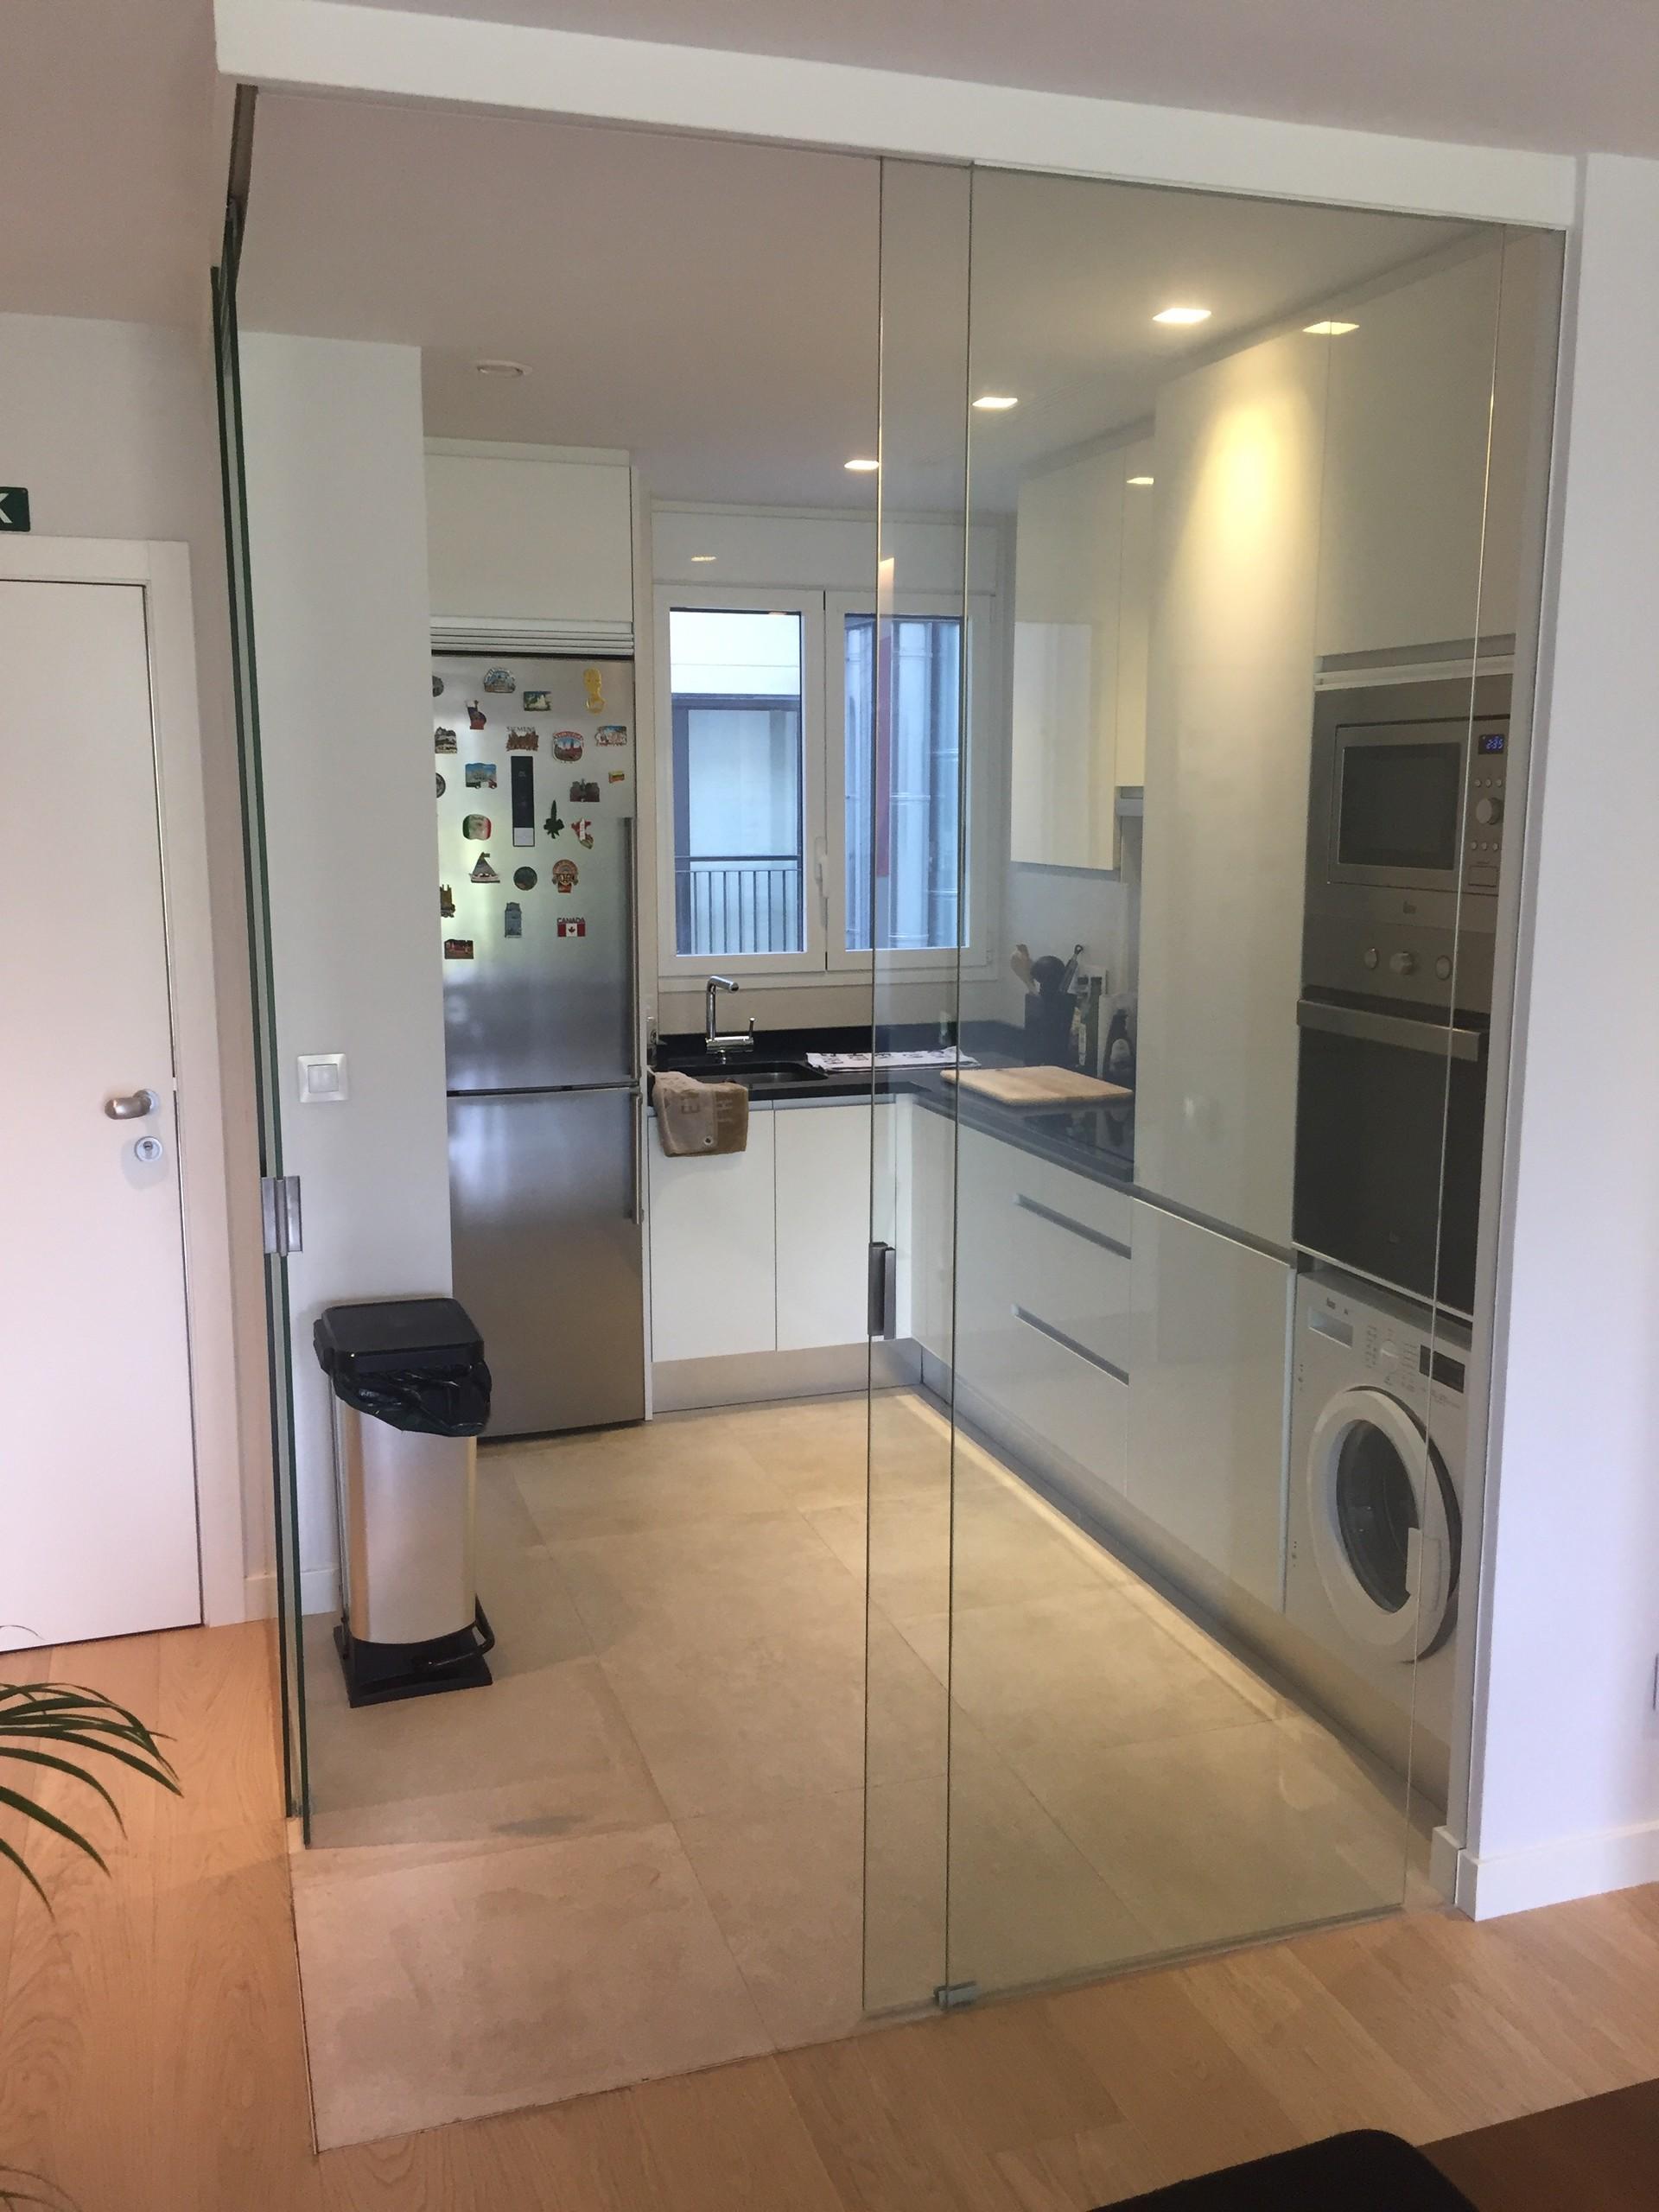 Appartement ultra moderne lumineux 60m2 proche principe pio  Location chambres Madrid